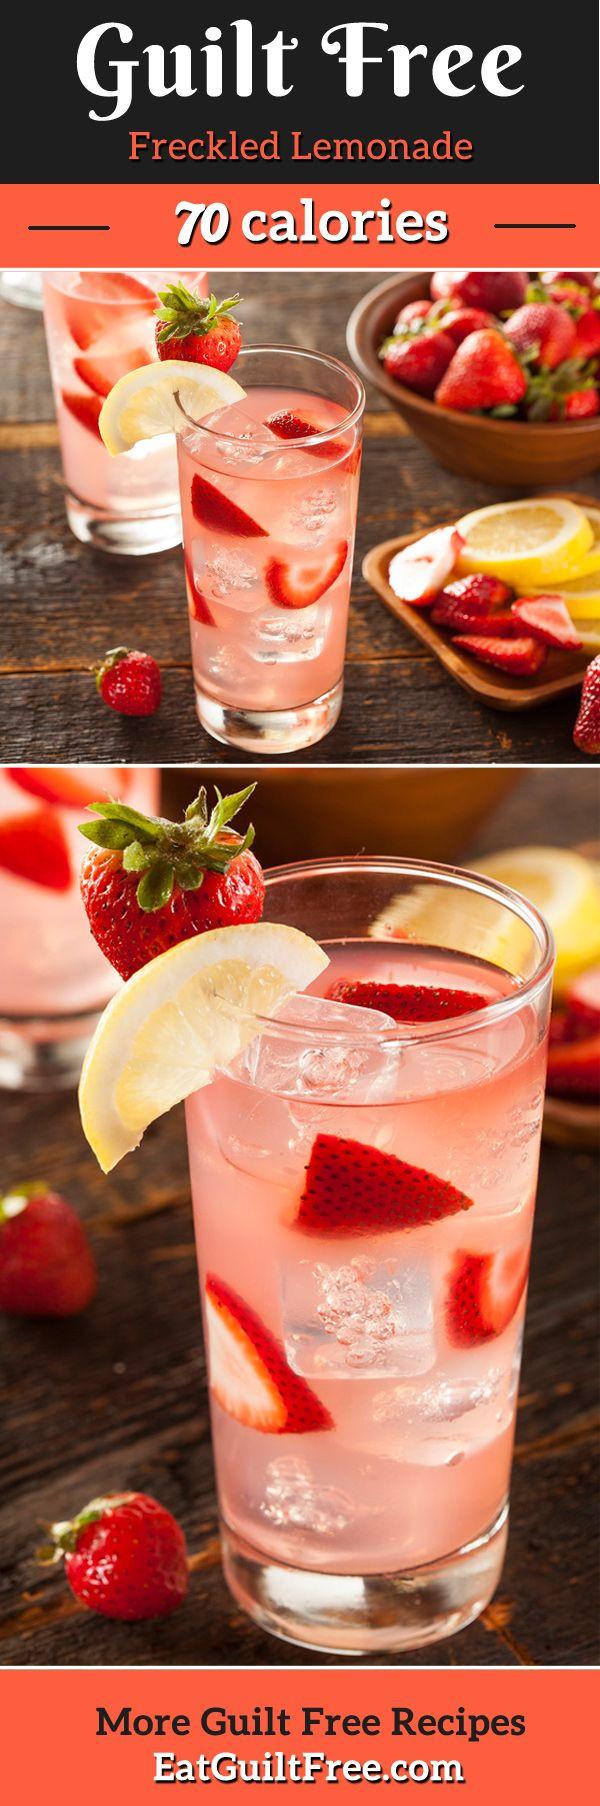 Red Robins Dessert Menu  Lighter version of Red Robin s famous Freckled Lemonade